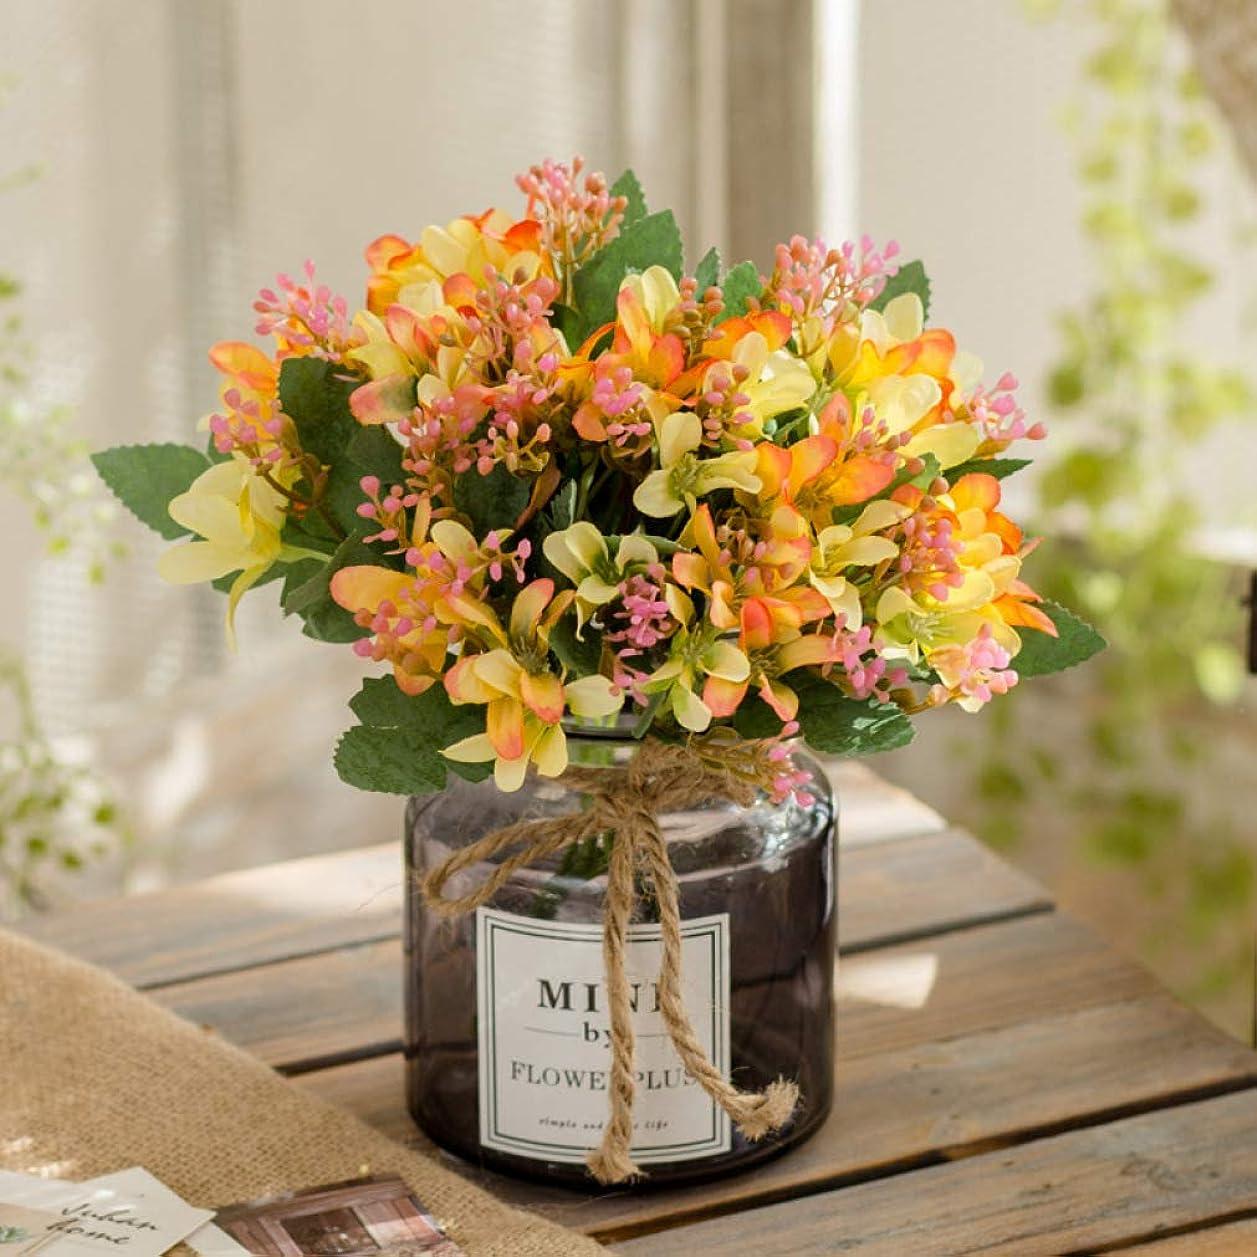 偏見助けになる百万造花 水仙 イエロー 人工観葉植物 枯れない花 アートフラワー 花瓶付き 本物そっくり プレゼント ギフト 花束 ブーケ お祝い お返し 父の日 母の日 誕生日 結婚式 バレンタインデー 手作り 装飾 インテリア 置物